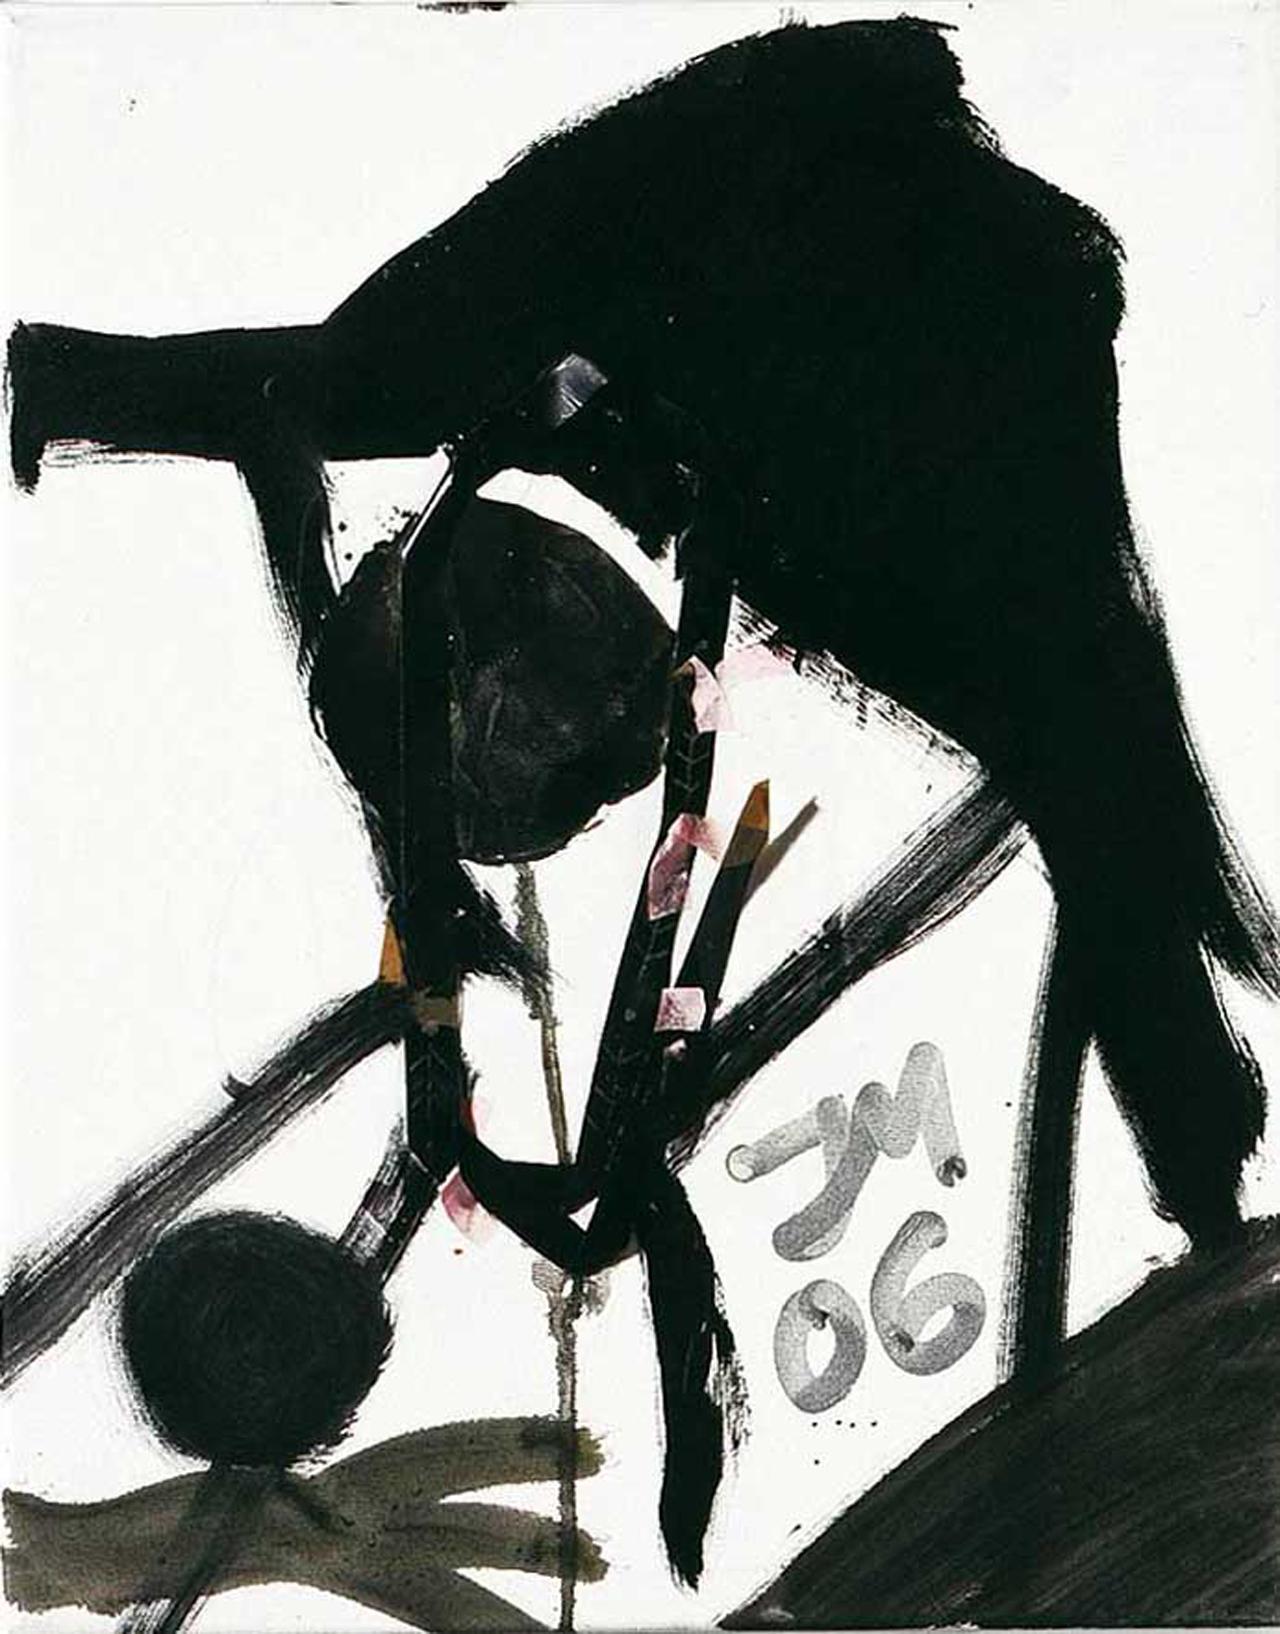 Jonathan Meese, Rosa Hulsch, 2006, Öl und Mischtechnik auf Leinwand, 50 x 40 cm